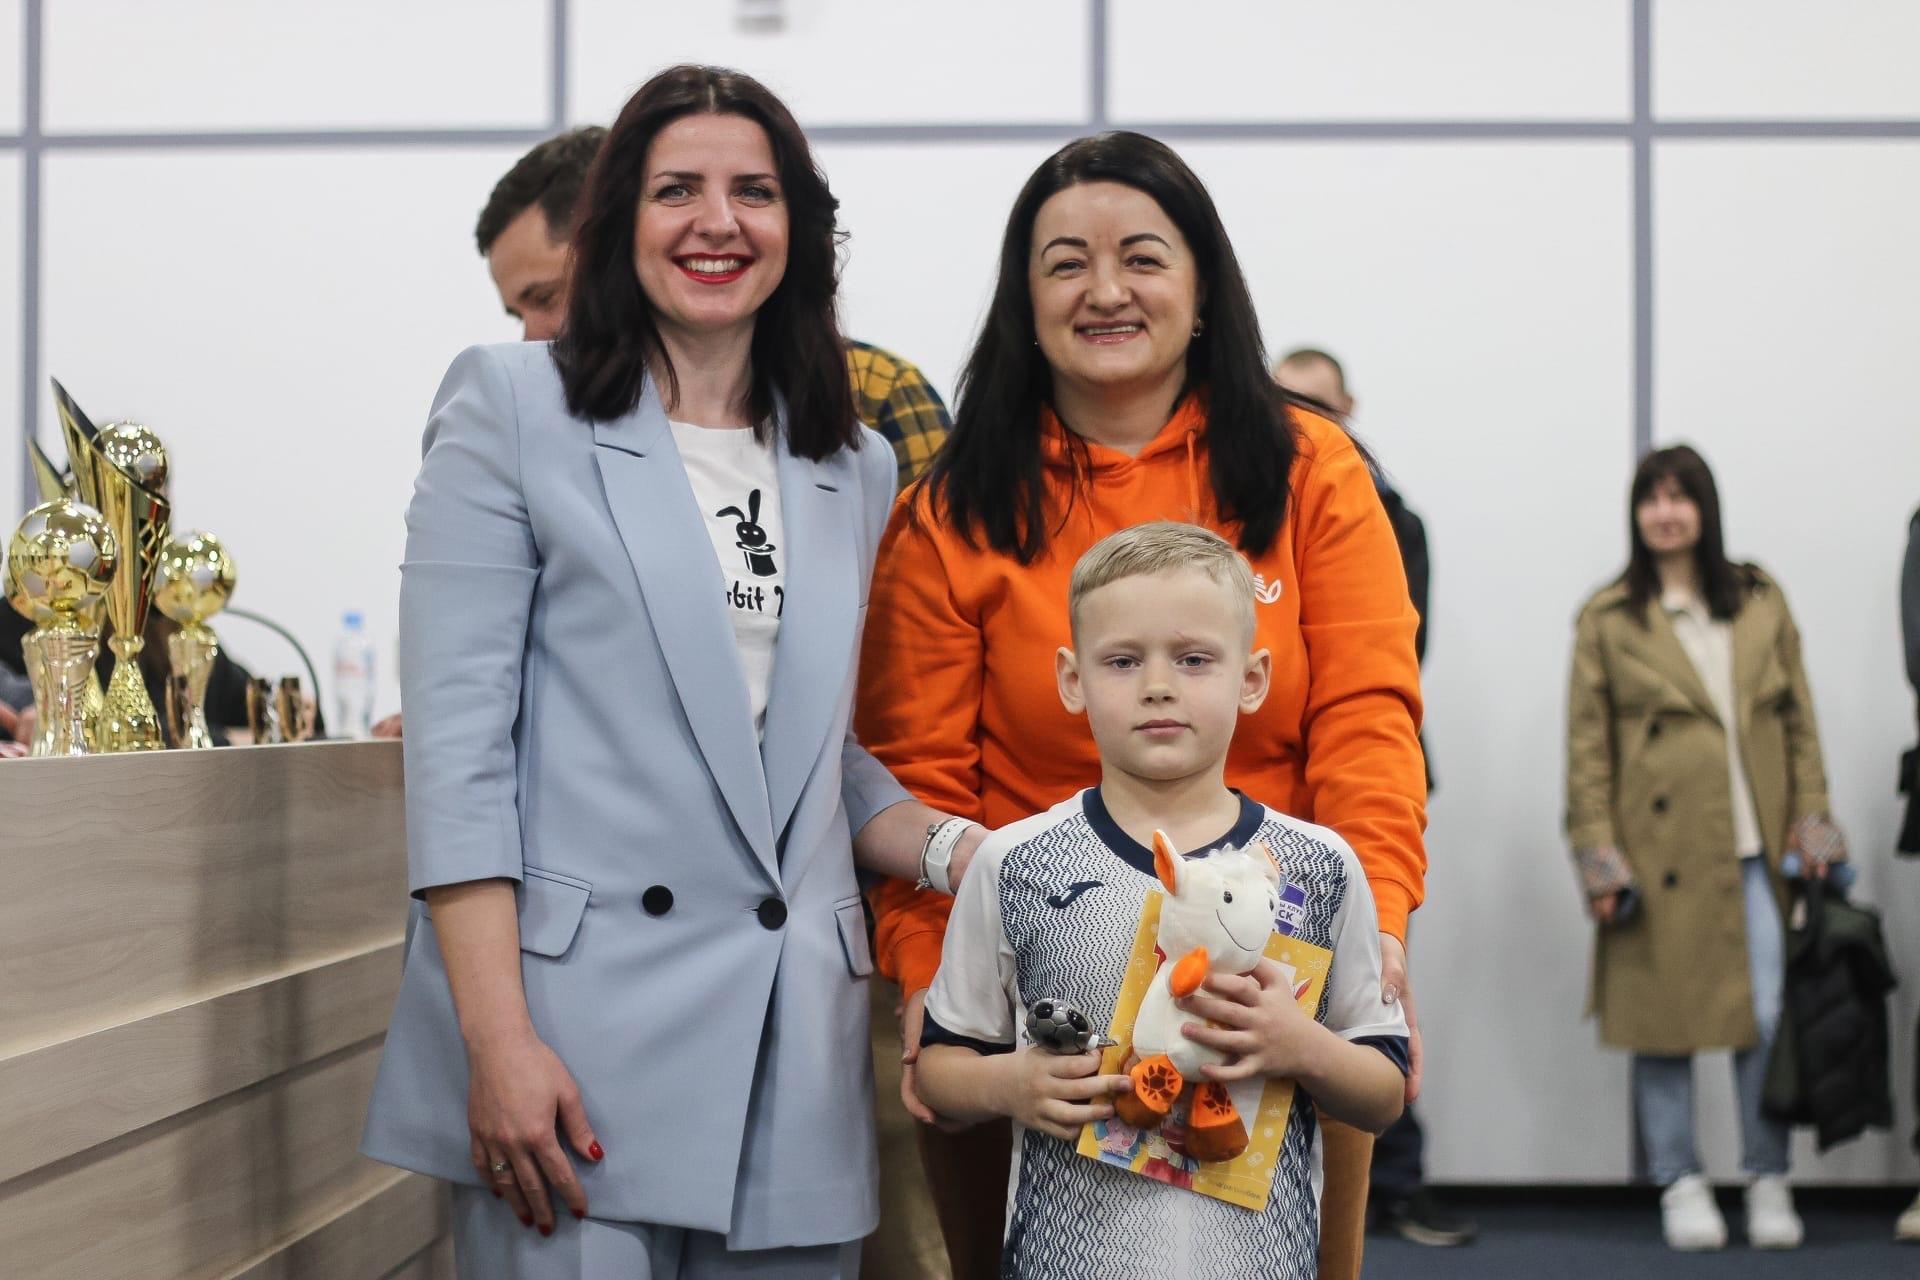 Павел Морозов — Лучший бомбардир Премьерлиги Юни 2014